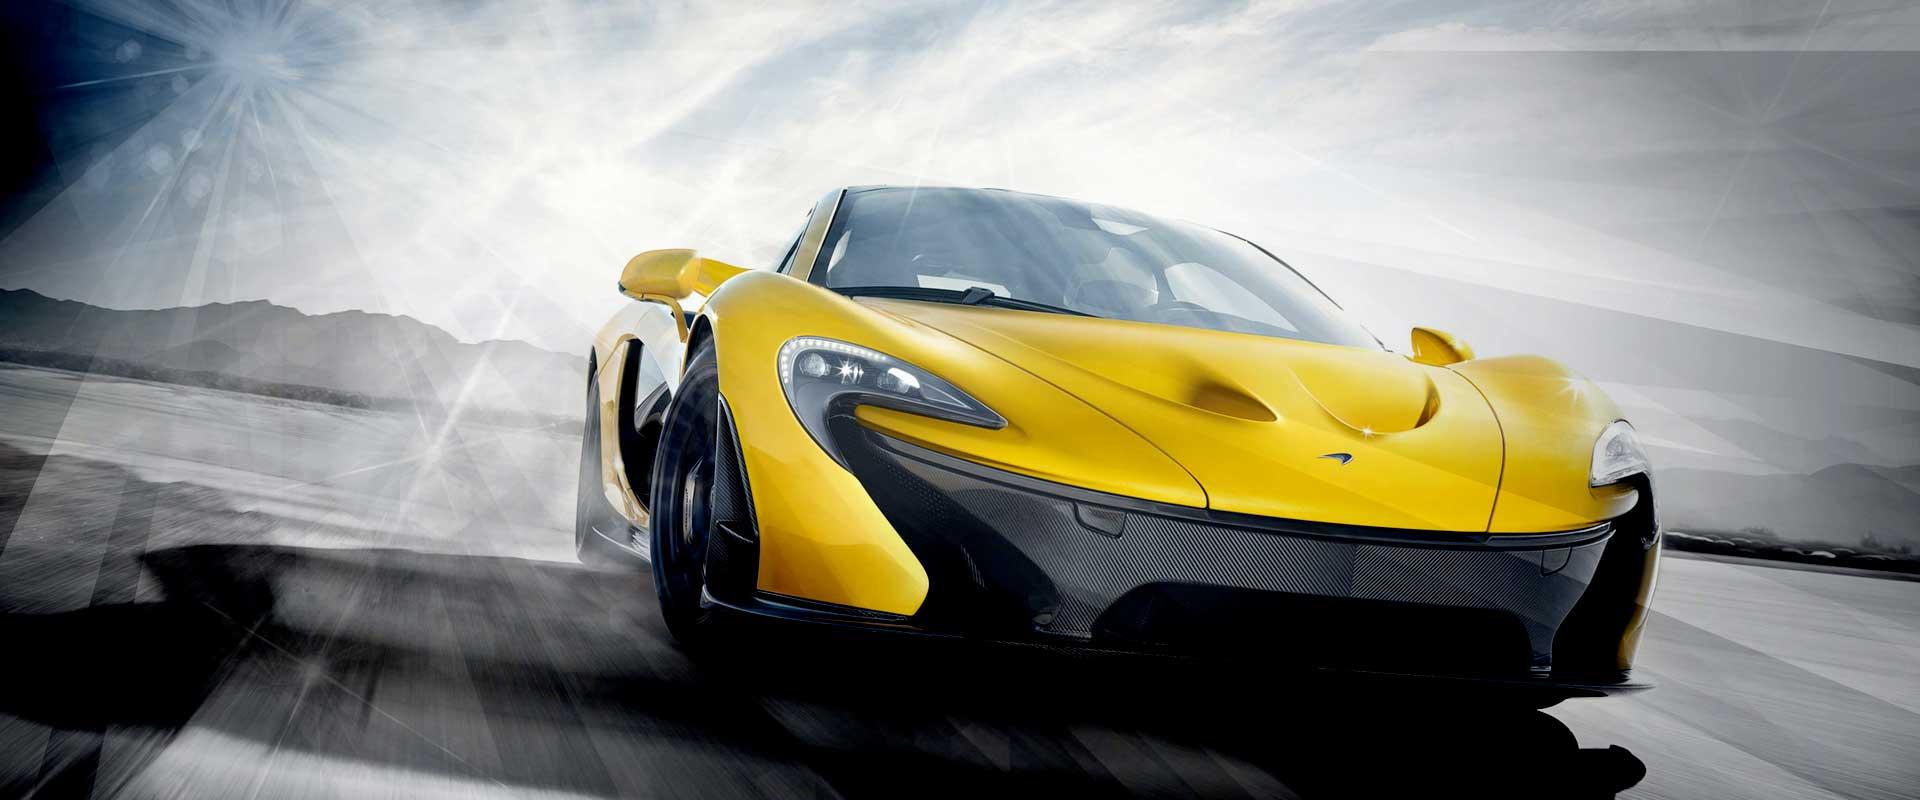 Phoenix Auto Sales >> More Info Skyline Auto Sales Car Dealer In Phoenix Az